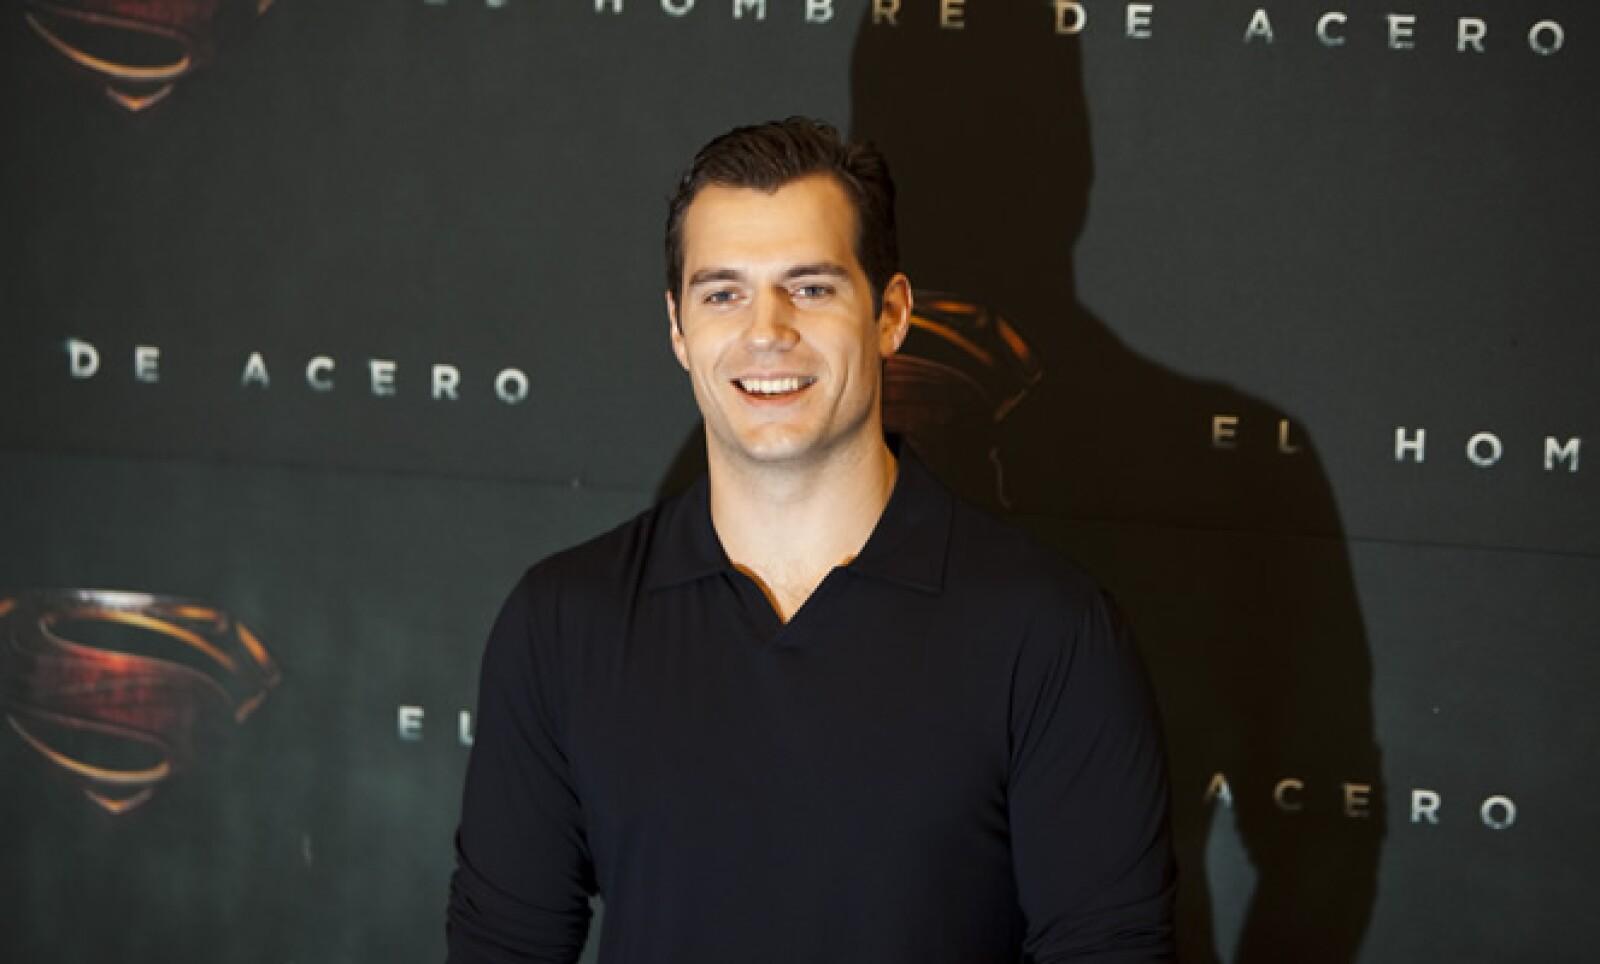 Antes de su estreno mundial, el próximo 14 de junio, Cavill se reunió con medios de comunicación en México.